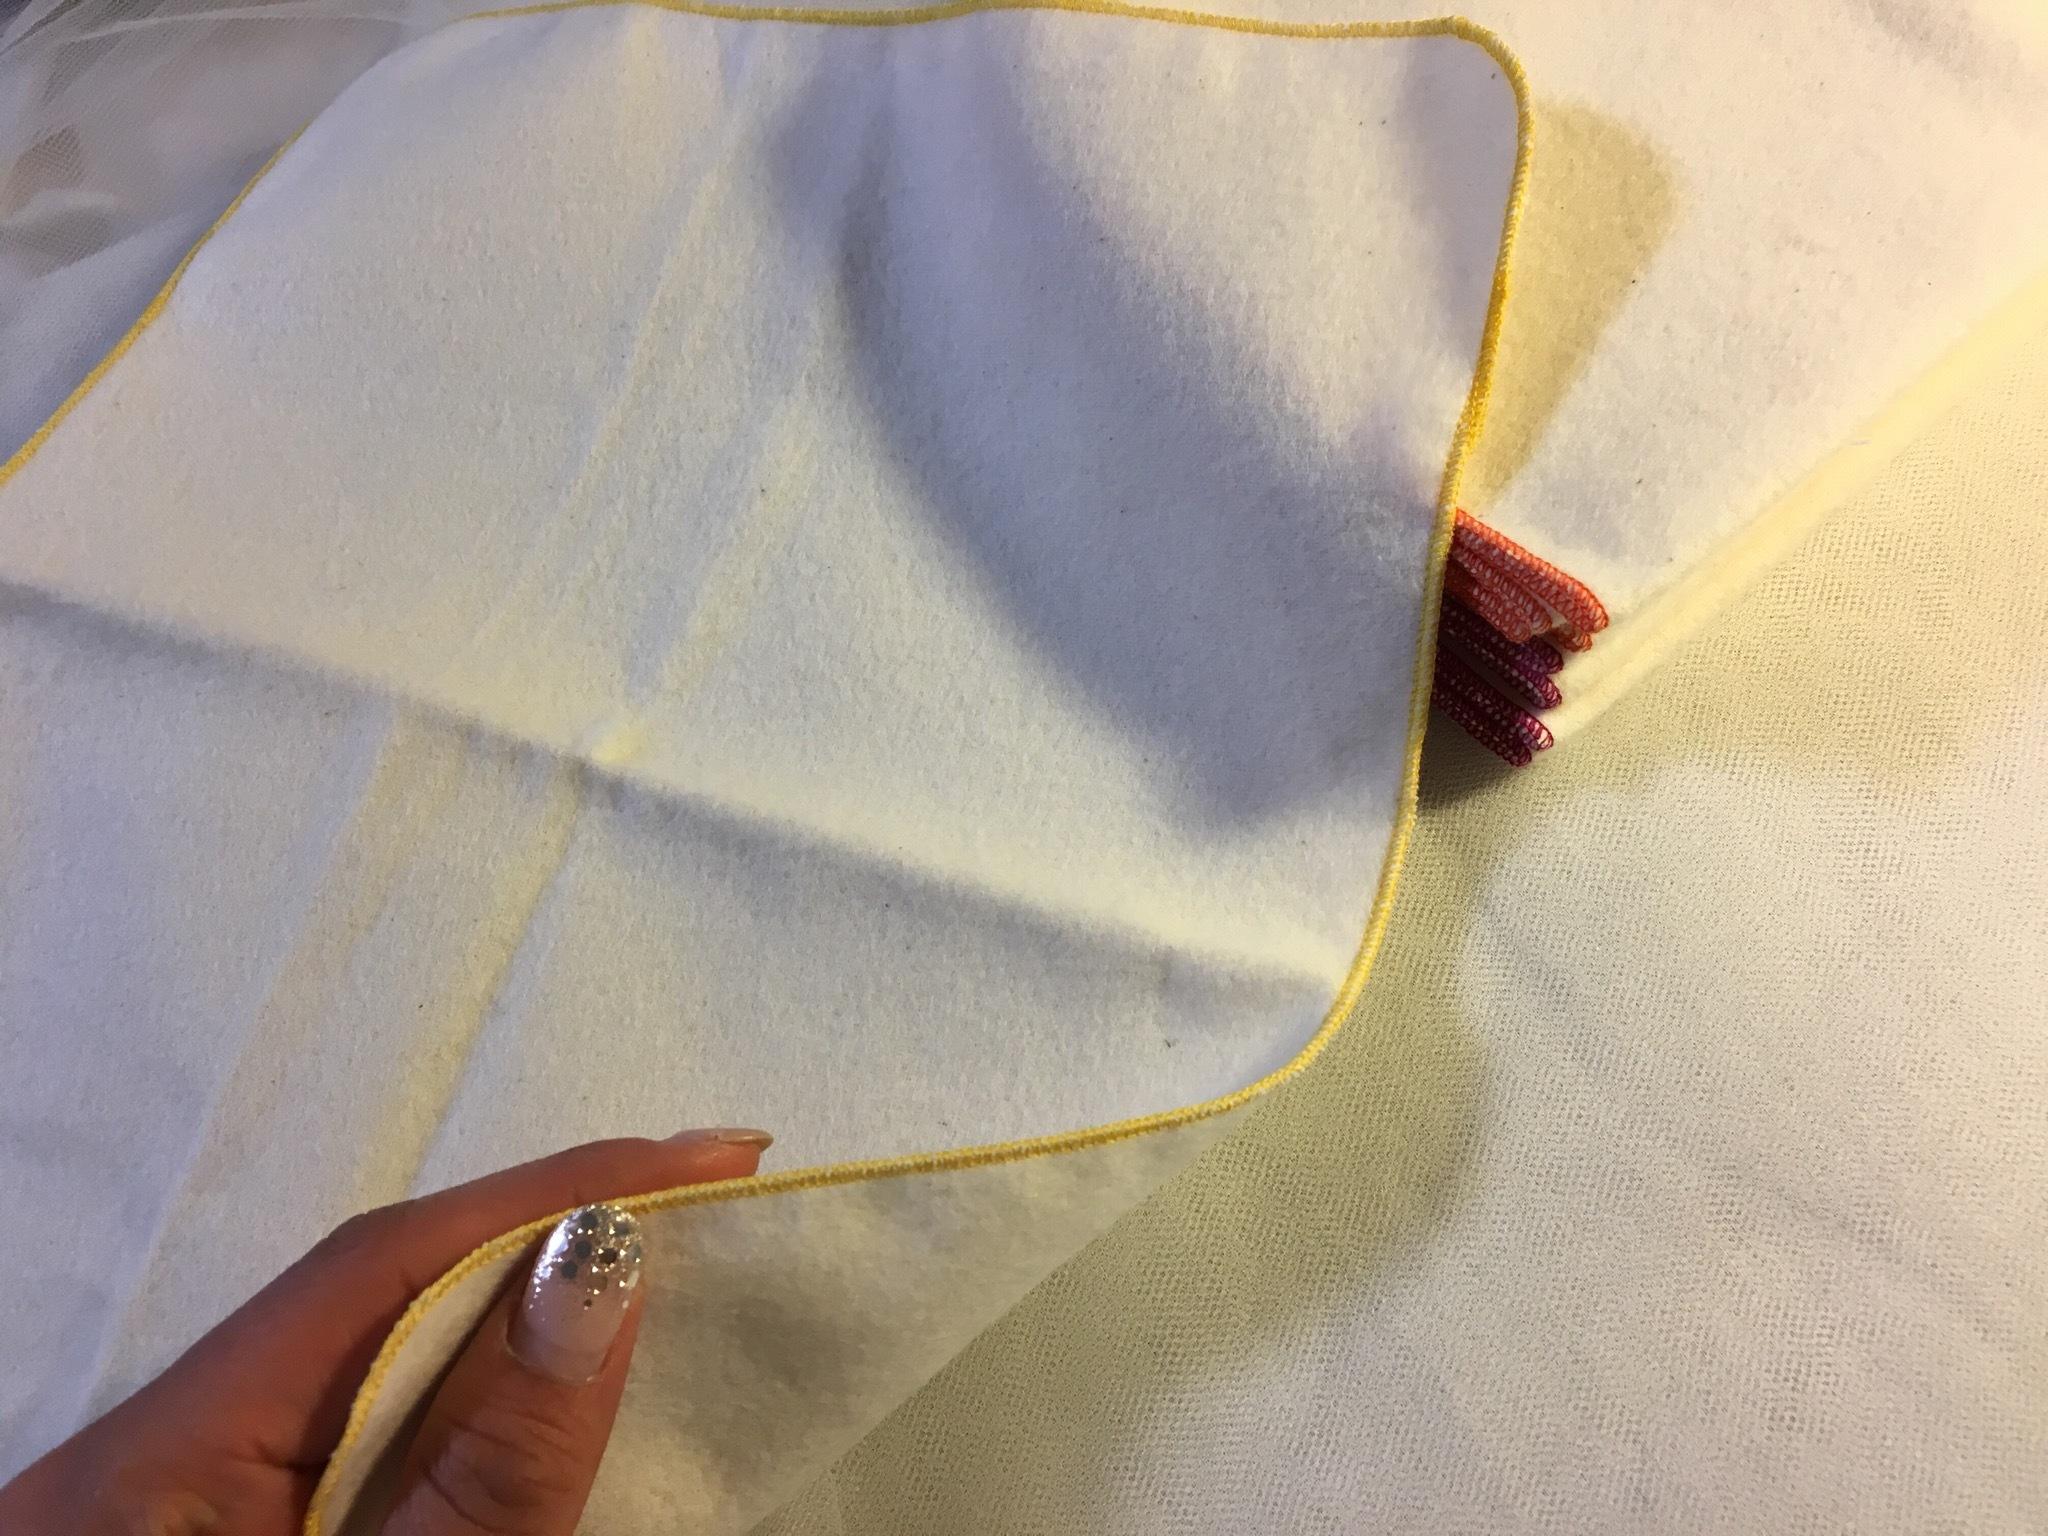 ハンカチタイプの布ナプキン(無漂白ネル生地)